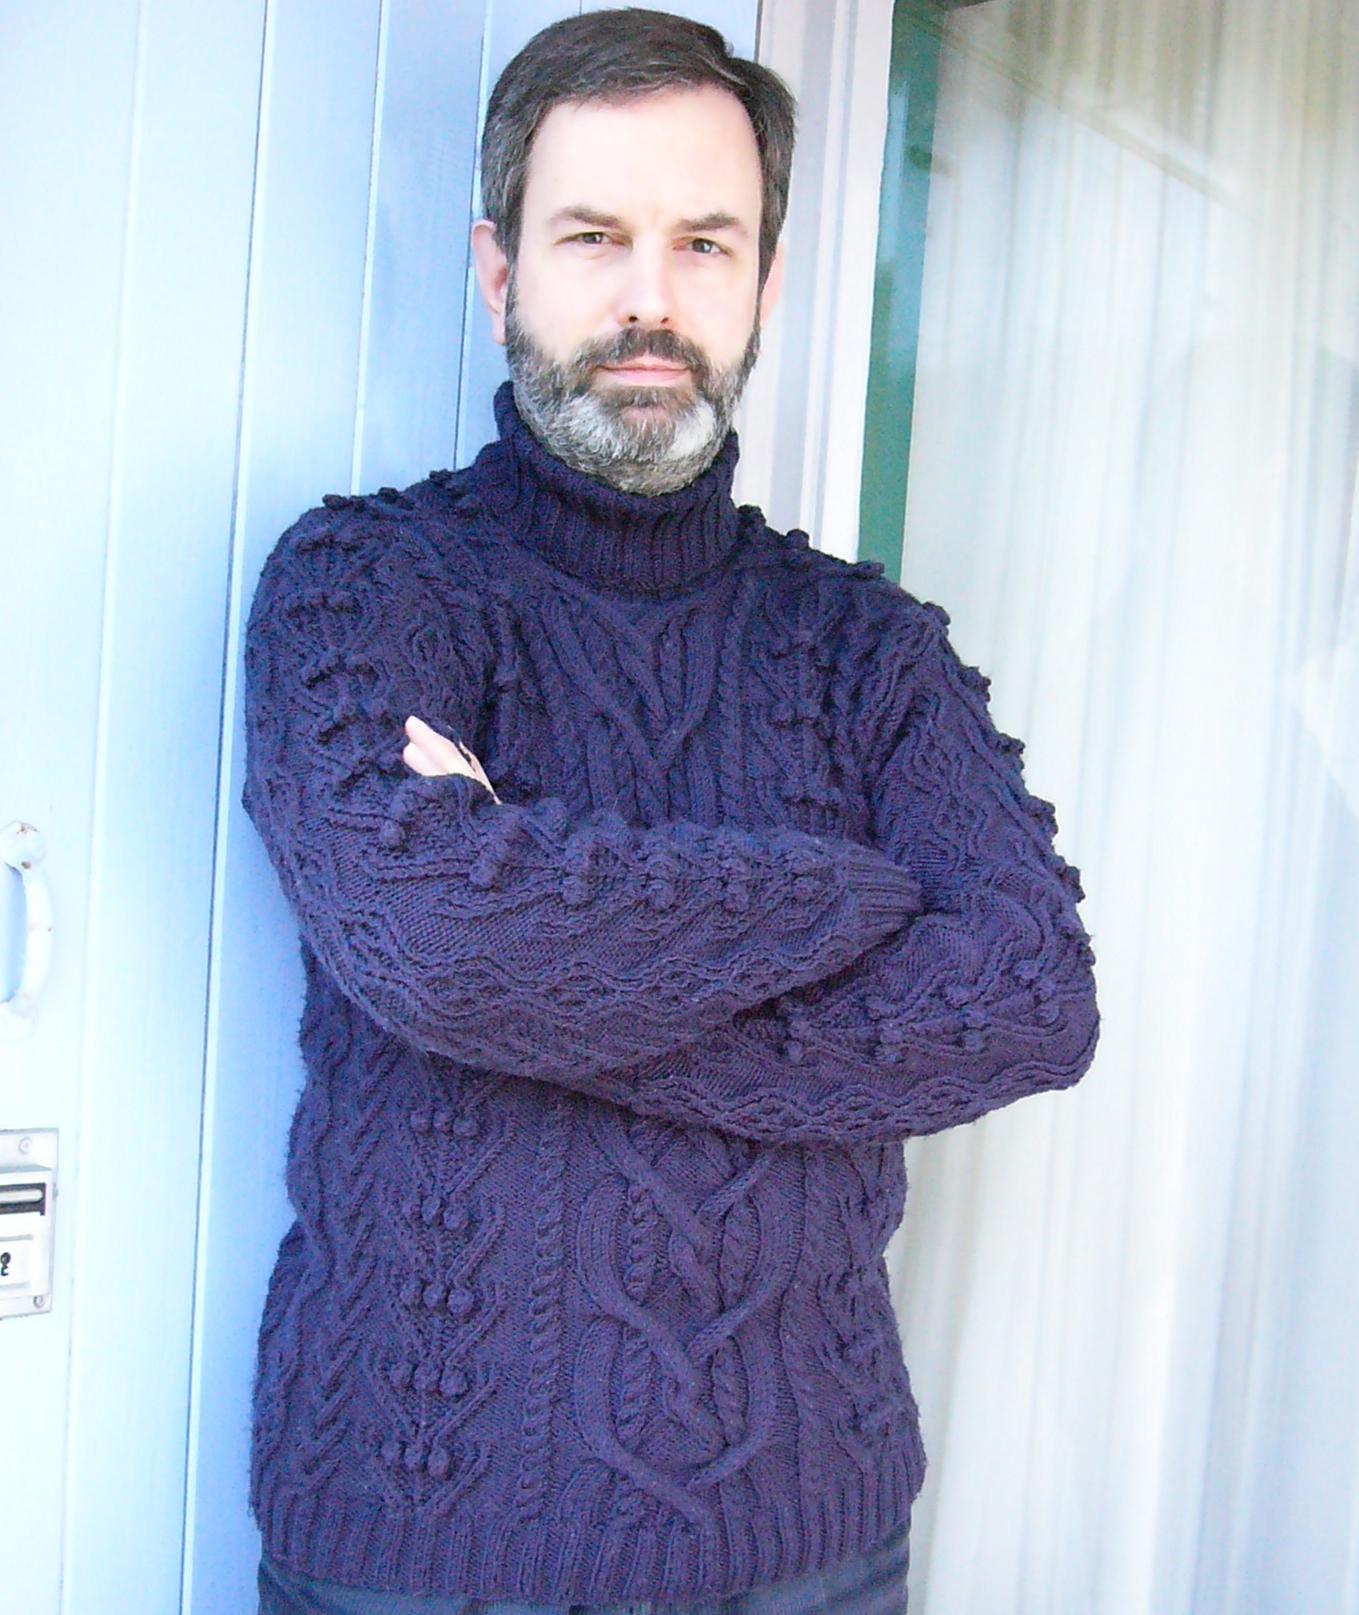 Aran-trui, rondgebreid van donkerblauwe wol van Debbie Bliss